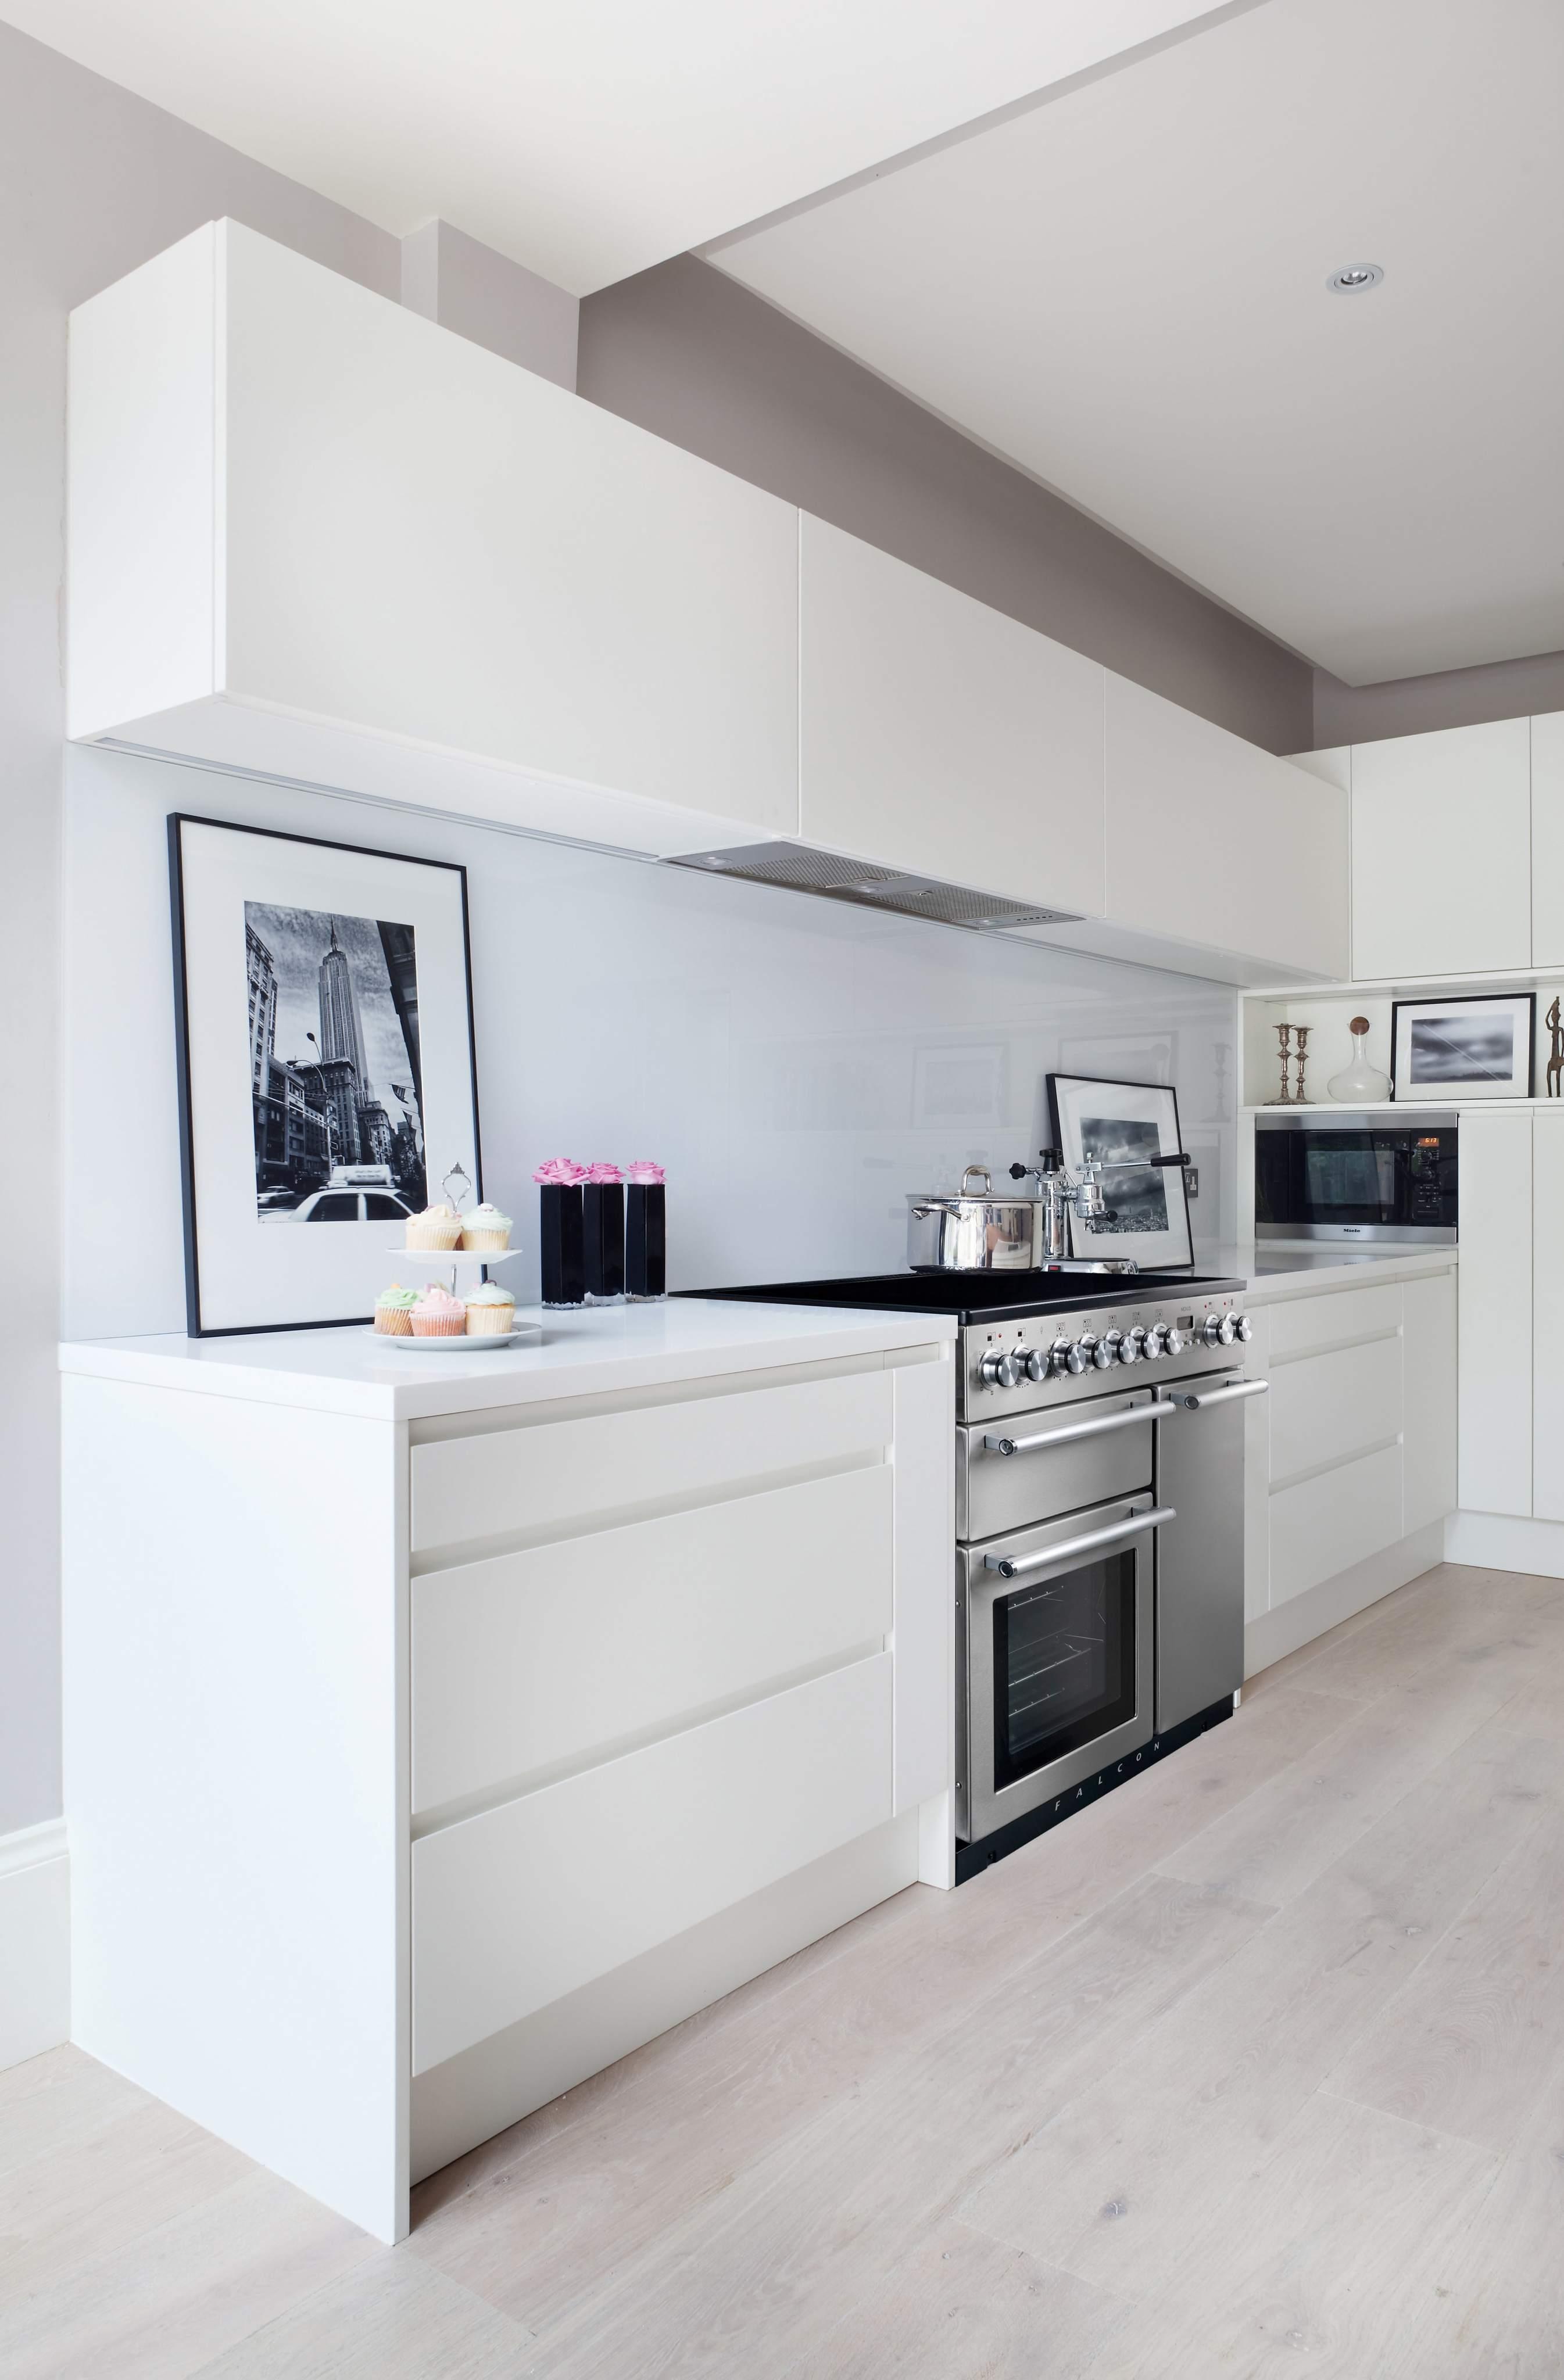 Grifflose Küche • Bilder & Ideen • COUCHstyle | {Küche ideen 16}